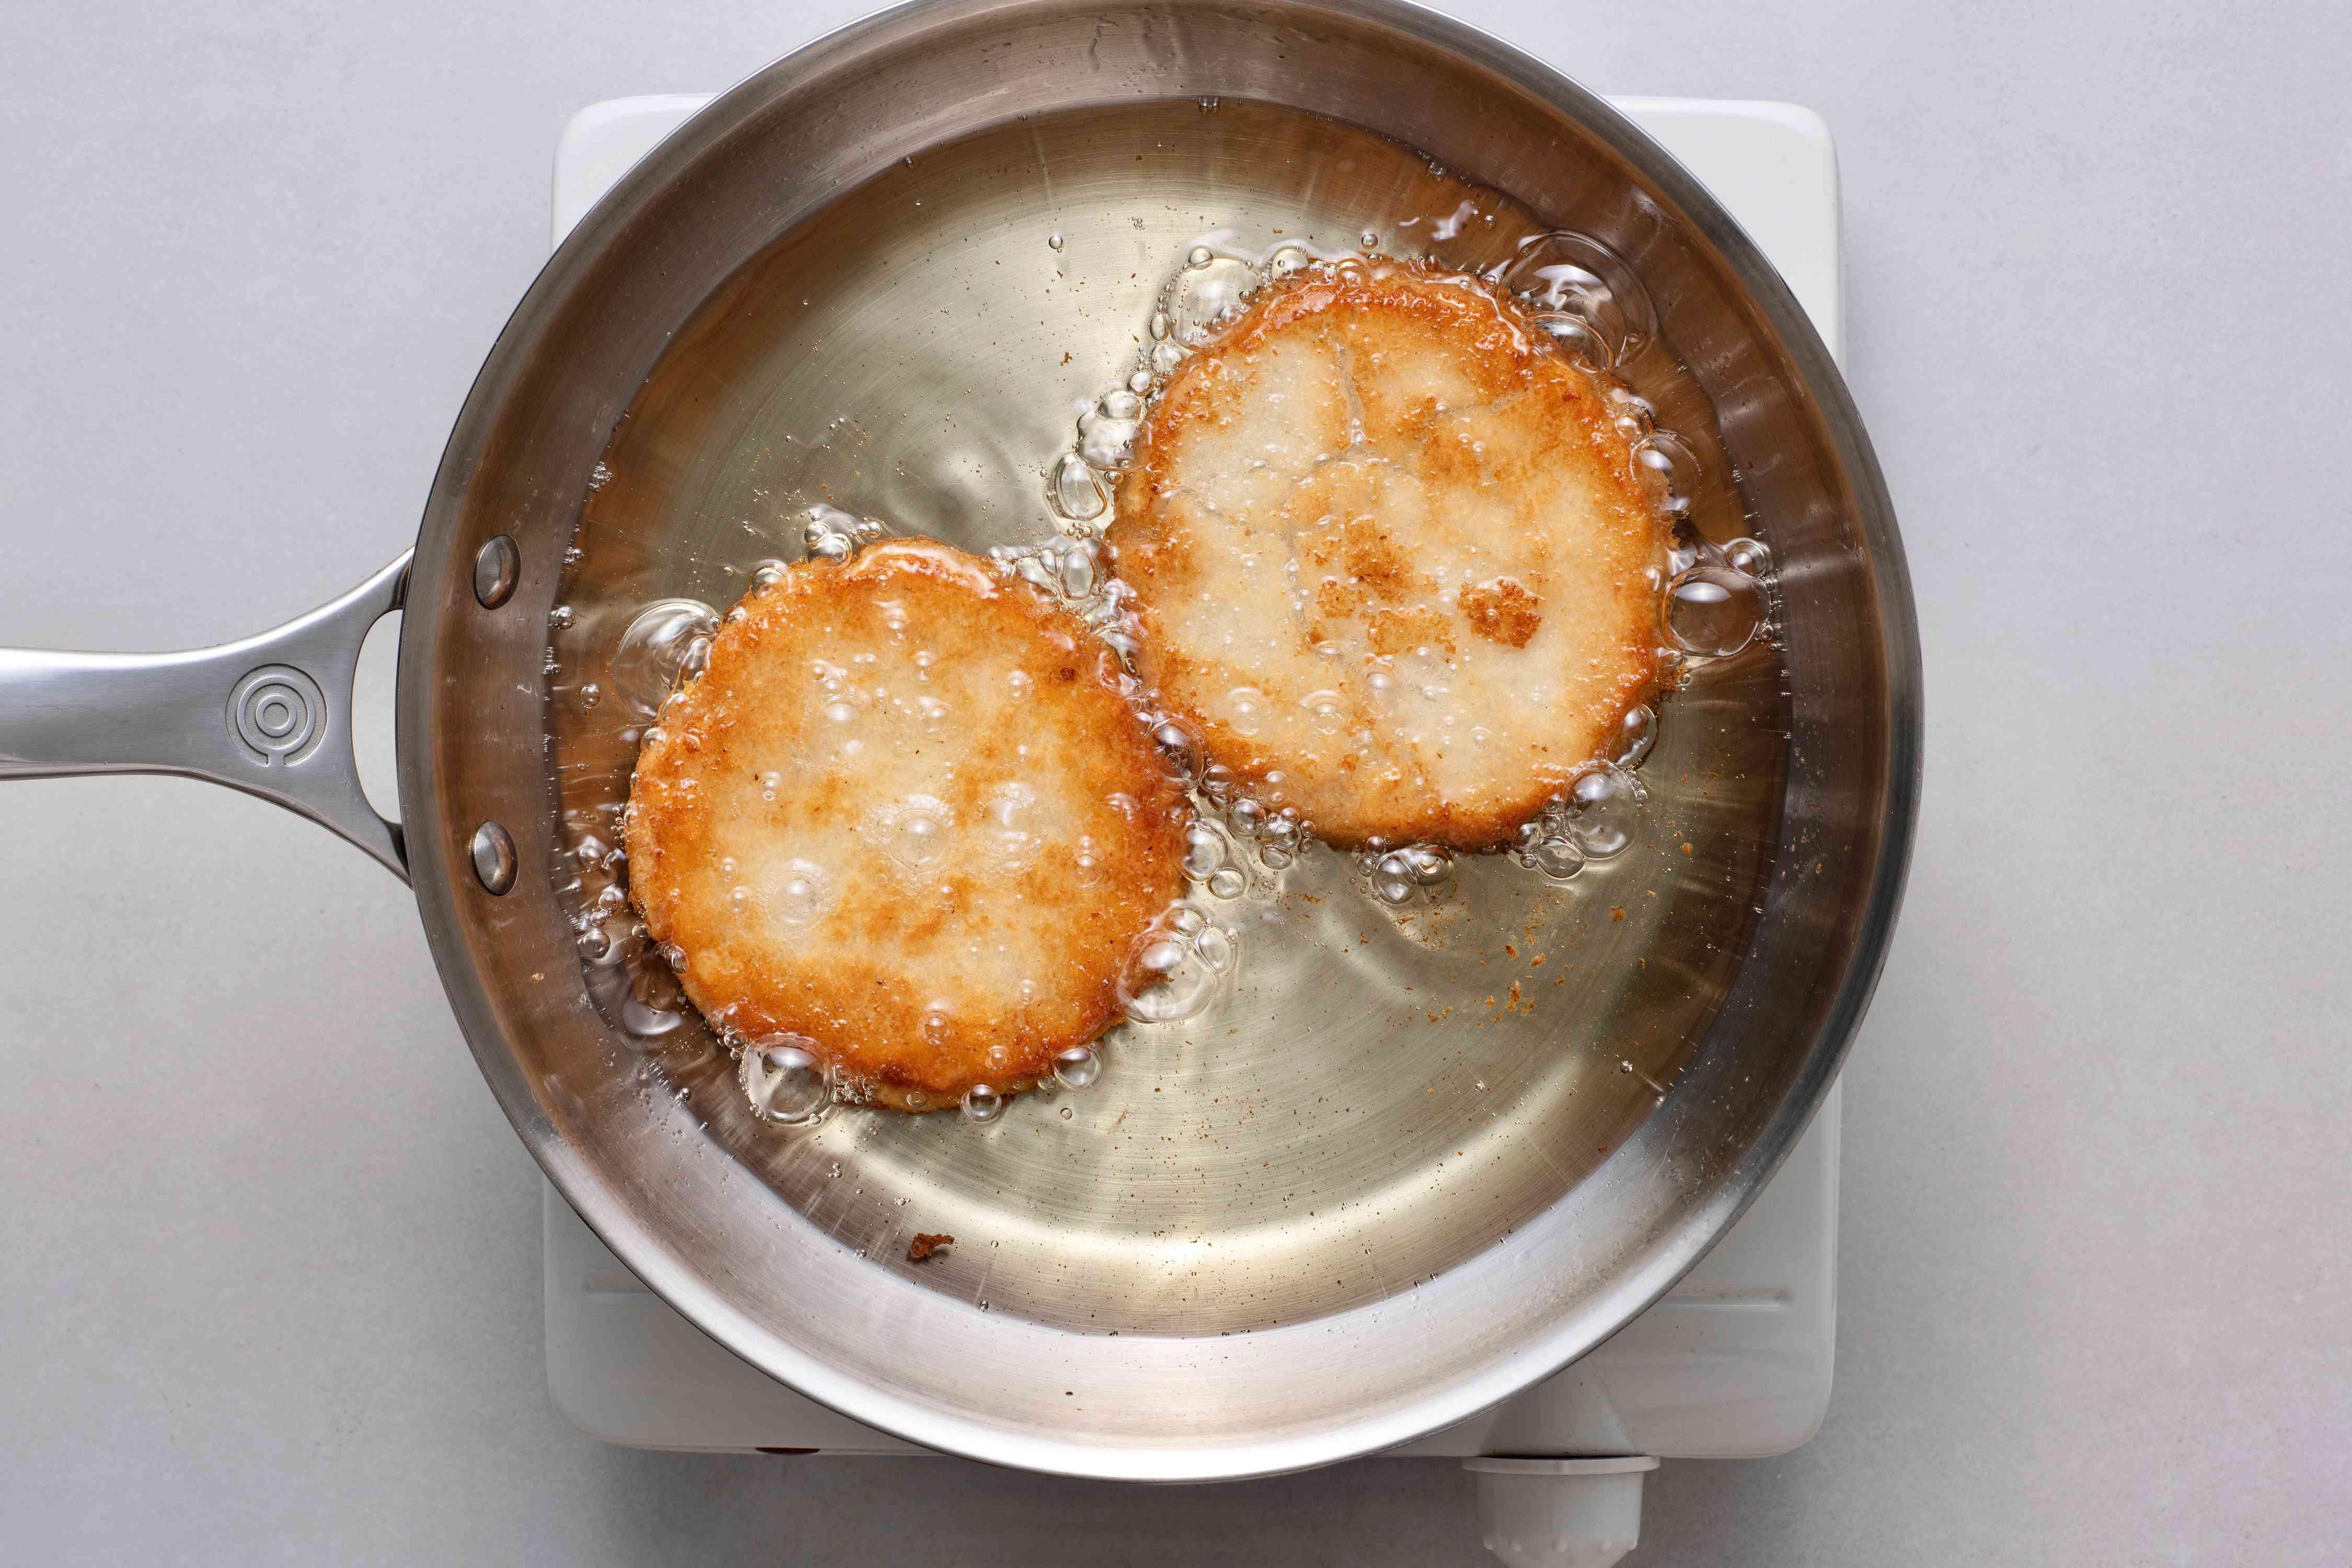 bammies frying in oil